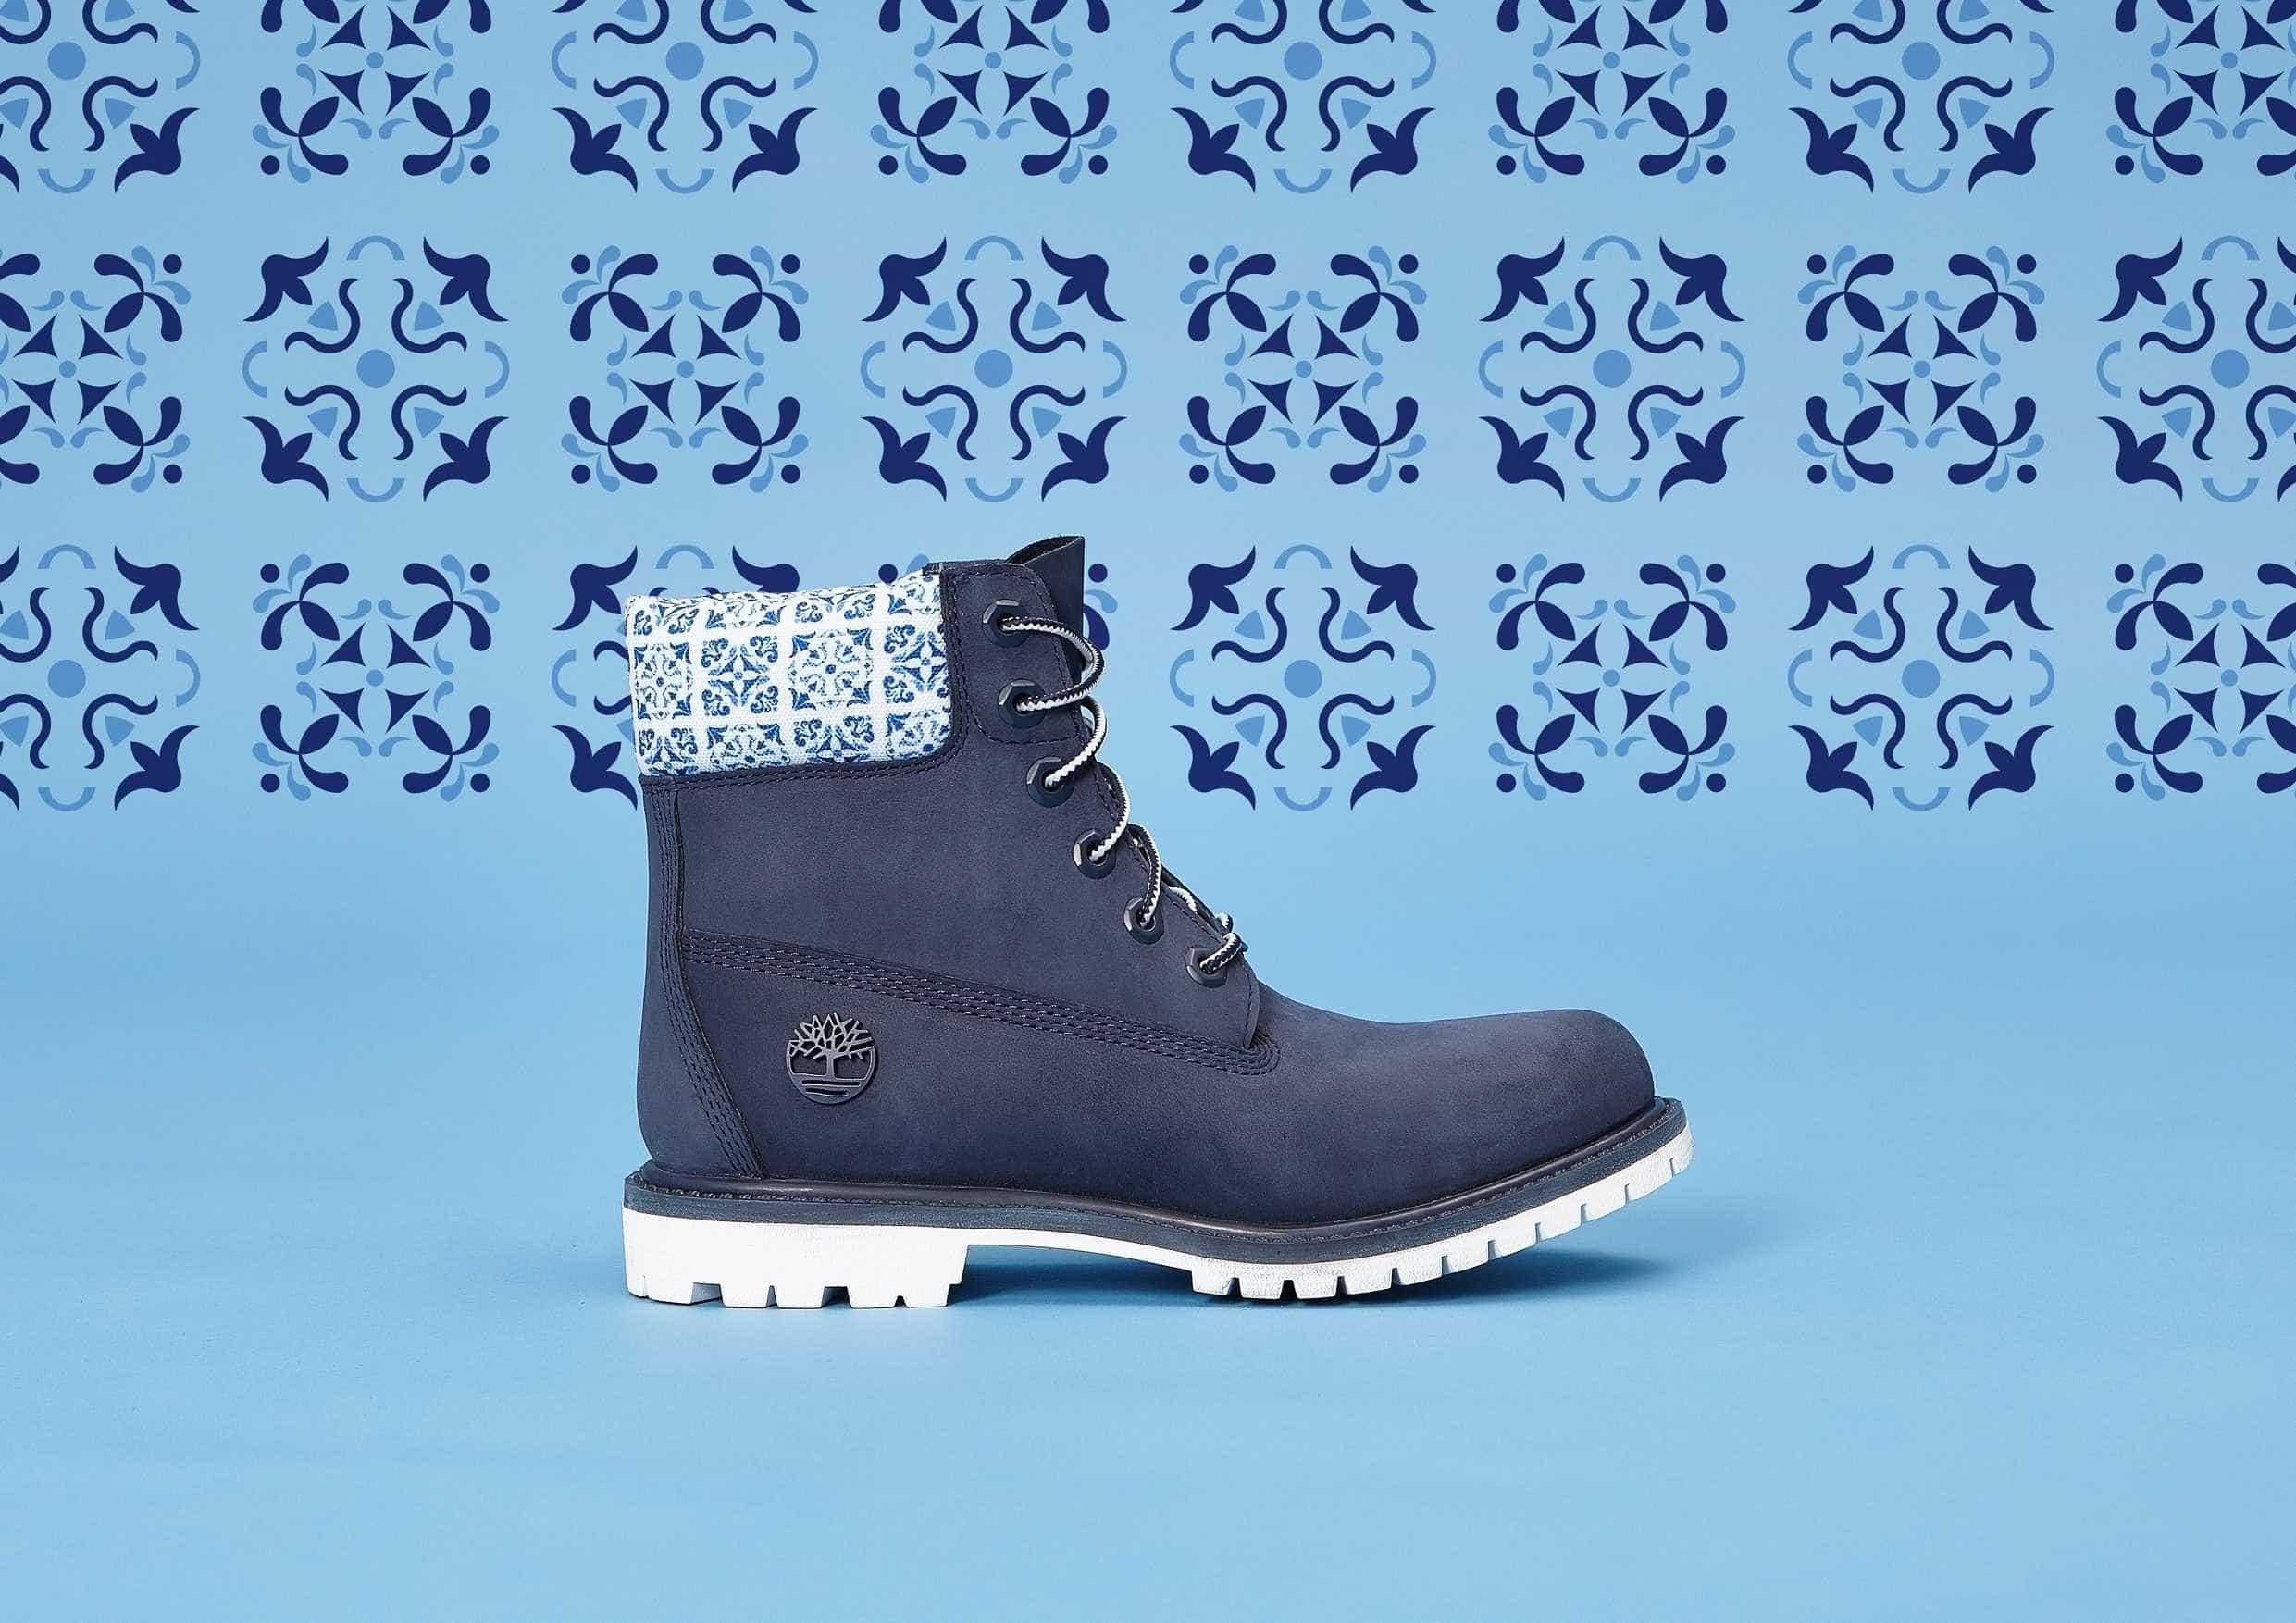 Timberland inspira-se em Portugal para recriar as icónicas botas -